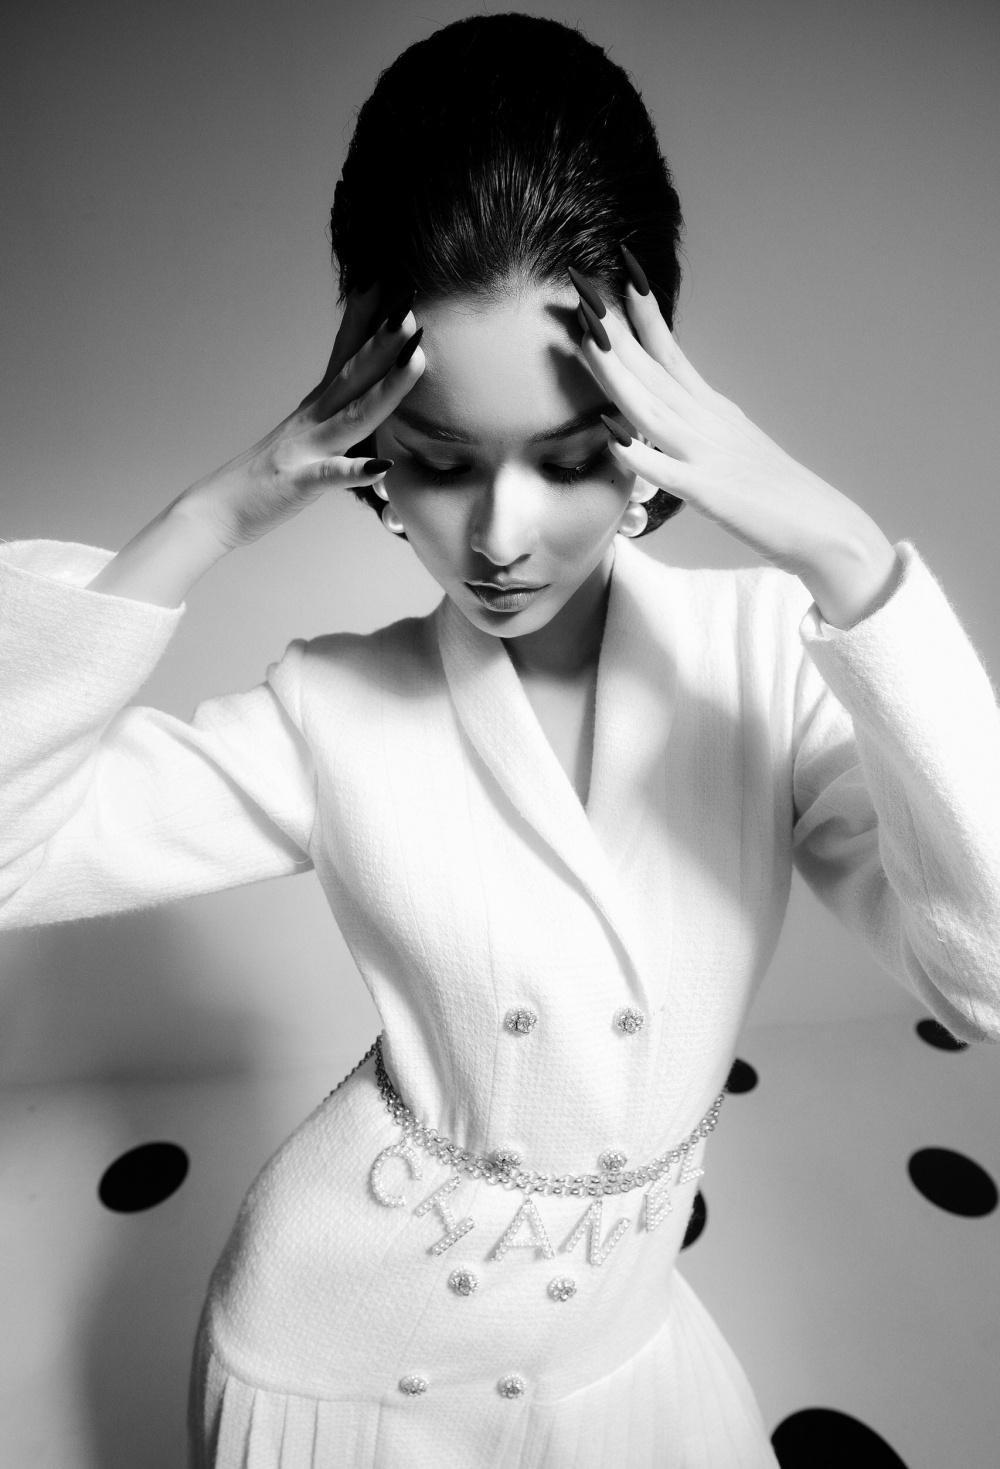 Cao Thiên Trang hóa quý cô Pháp thanh lịch cùng cặp màu đen, trắng kinh điển Ảnh 1